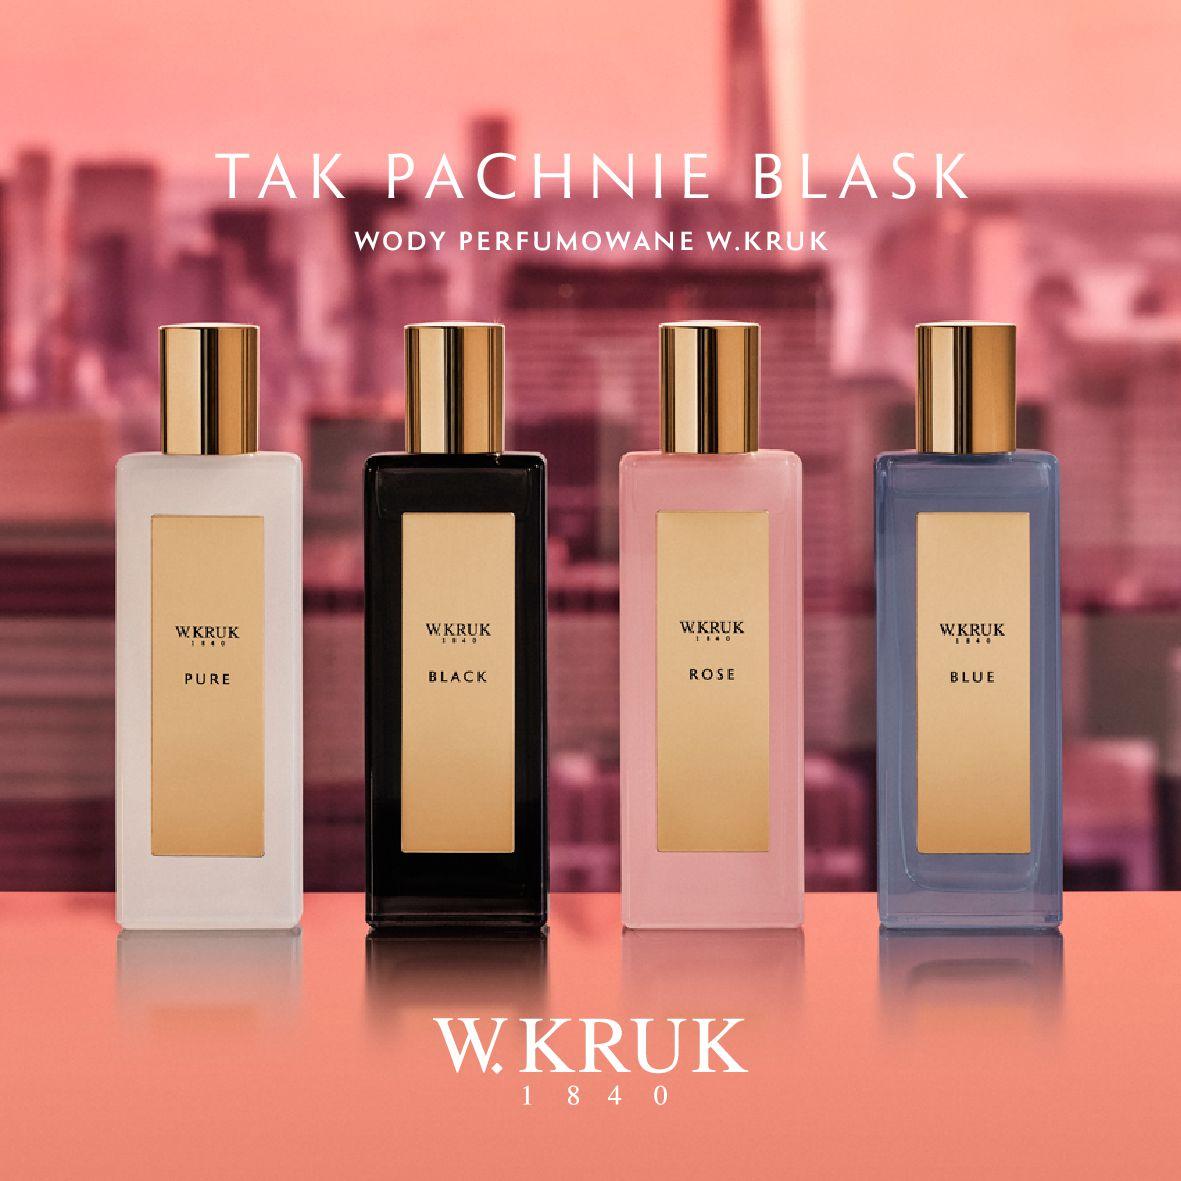 W. KRUK:  Katalog - Perfumy 16.02.2021